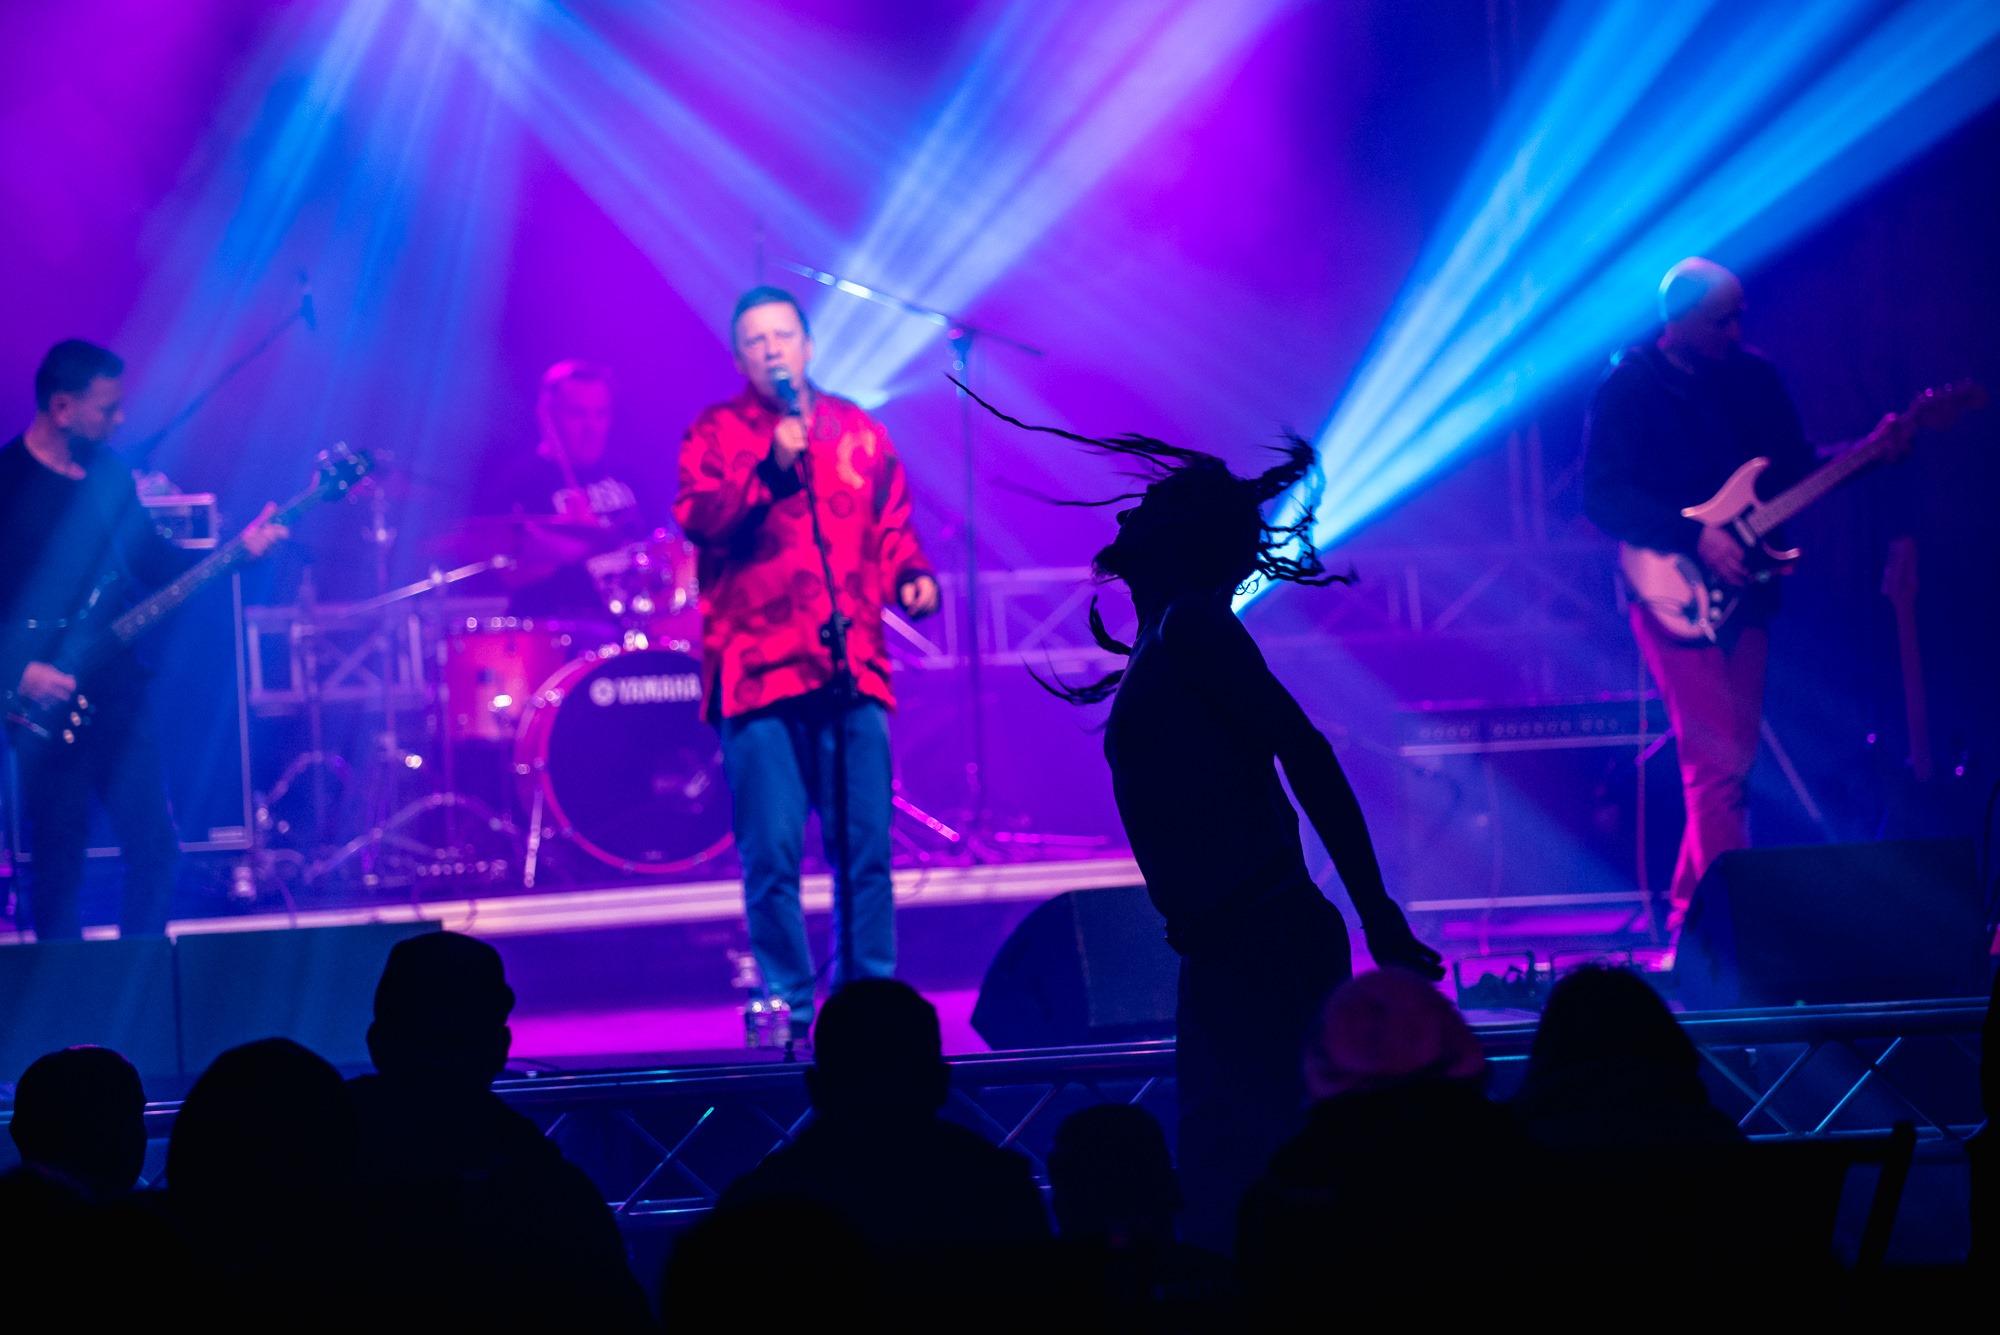 [Zdjęcie z koncertu zespołu Bielizna. Na pierwszym planie widać sylwetkę mężczyzny w dredach z krótką brodą. Mężczyzna znajduje się na widowni i skacze do góry. Wokół nigo widoczne są ciemne sylwetki innych osób z publiczności. W tle znajdują się członkowie zespołu Bielizna na scenie. Idąc od lewej - mężczyzna w ciemnej koszulce grający na gitarze, perkusista, piosenkarz w czerwonej koszuli przy mikrofonie na statywie oraz drugi gitarzysta w ciemnej bluzie.]